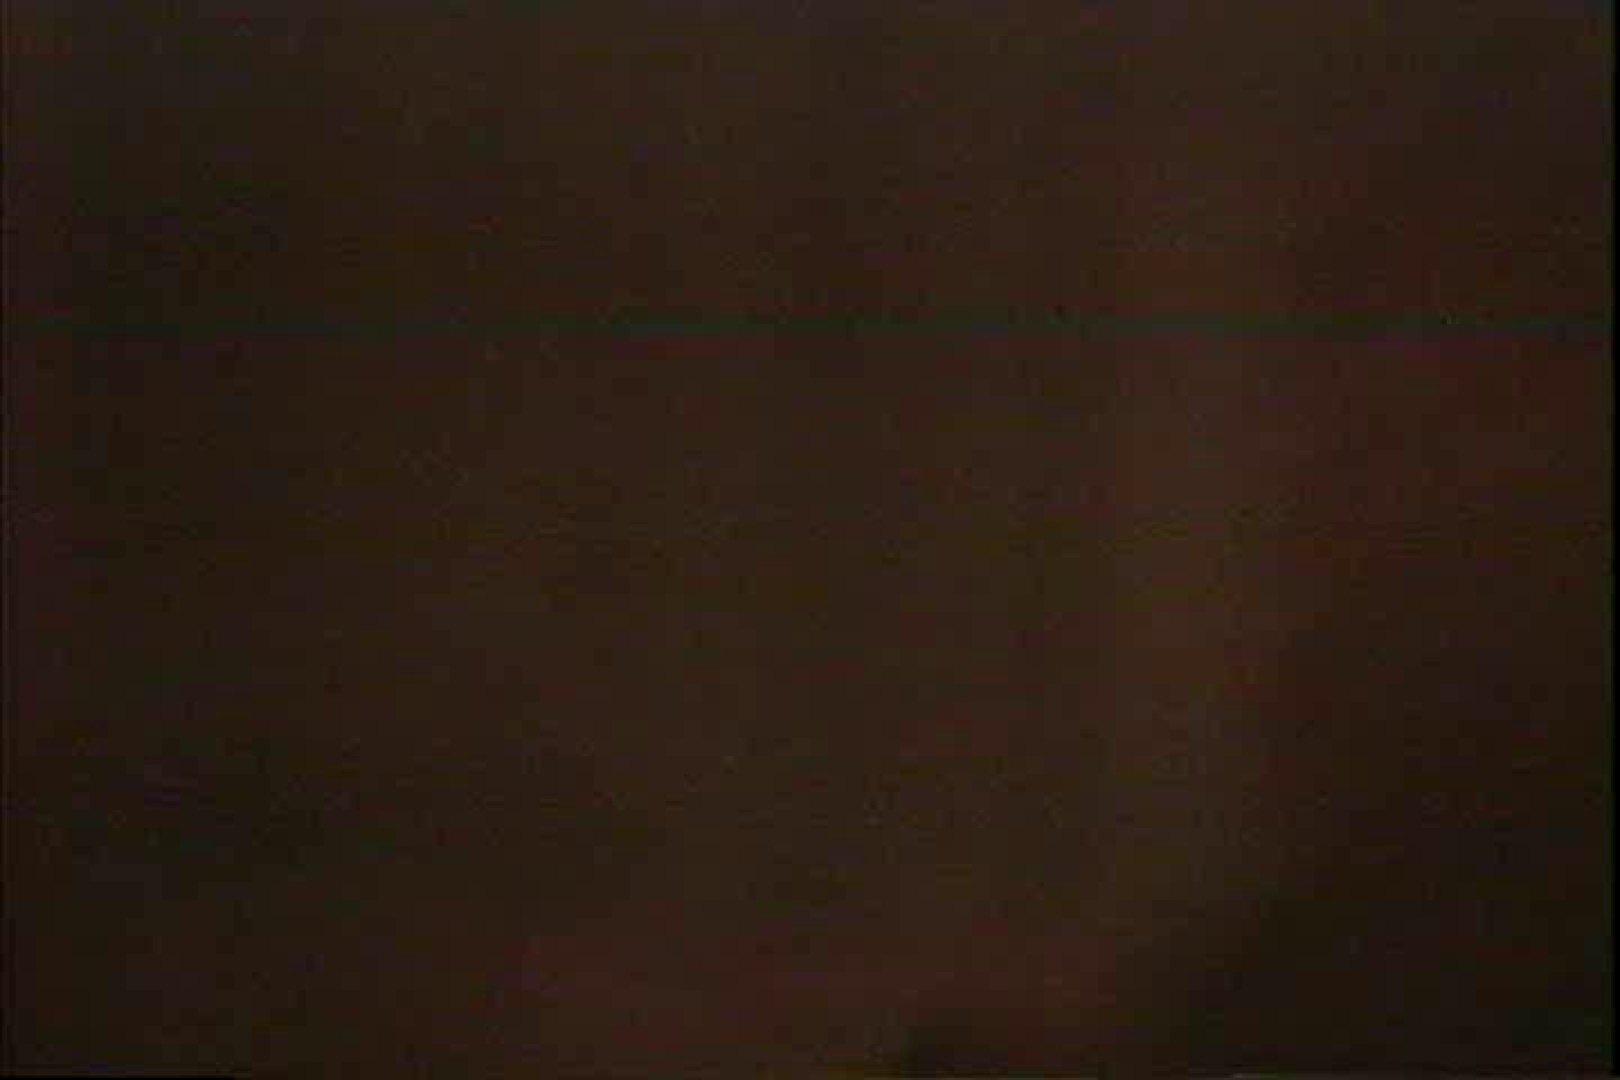 闇の仕掛け人 無修正版 Vol.19 OLエロ画像  102PICs 42